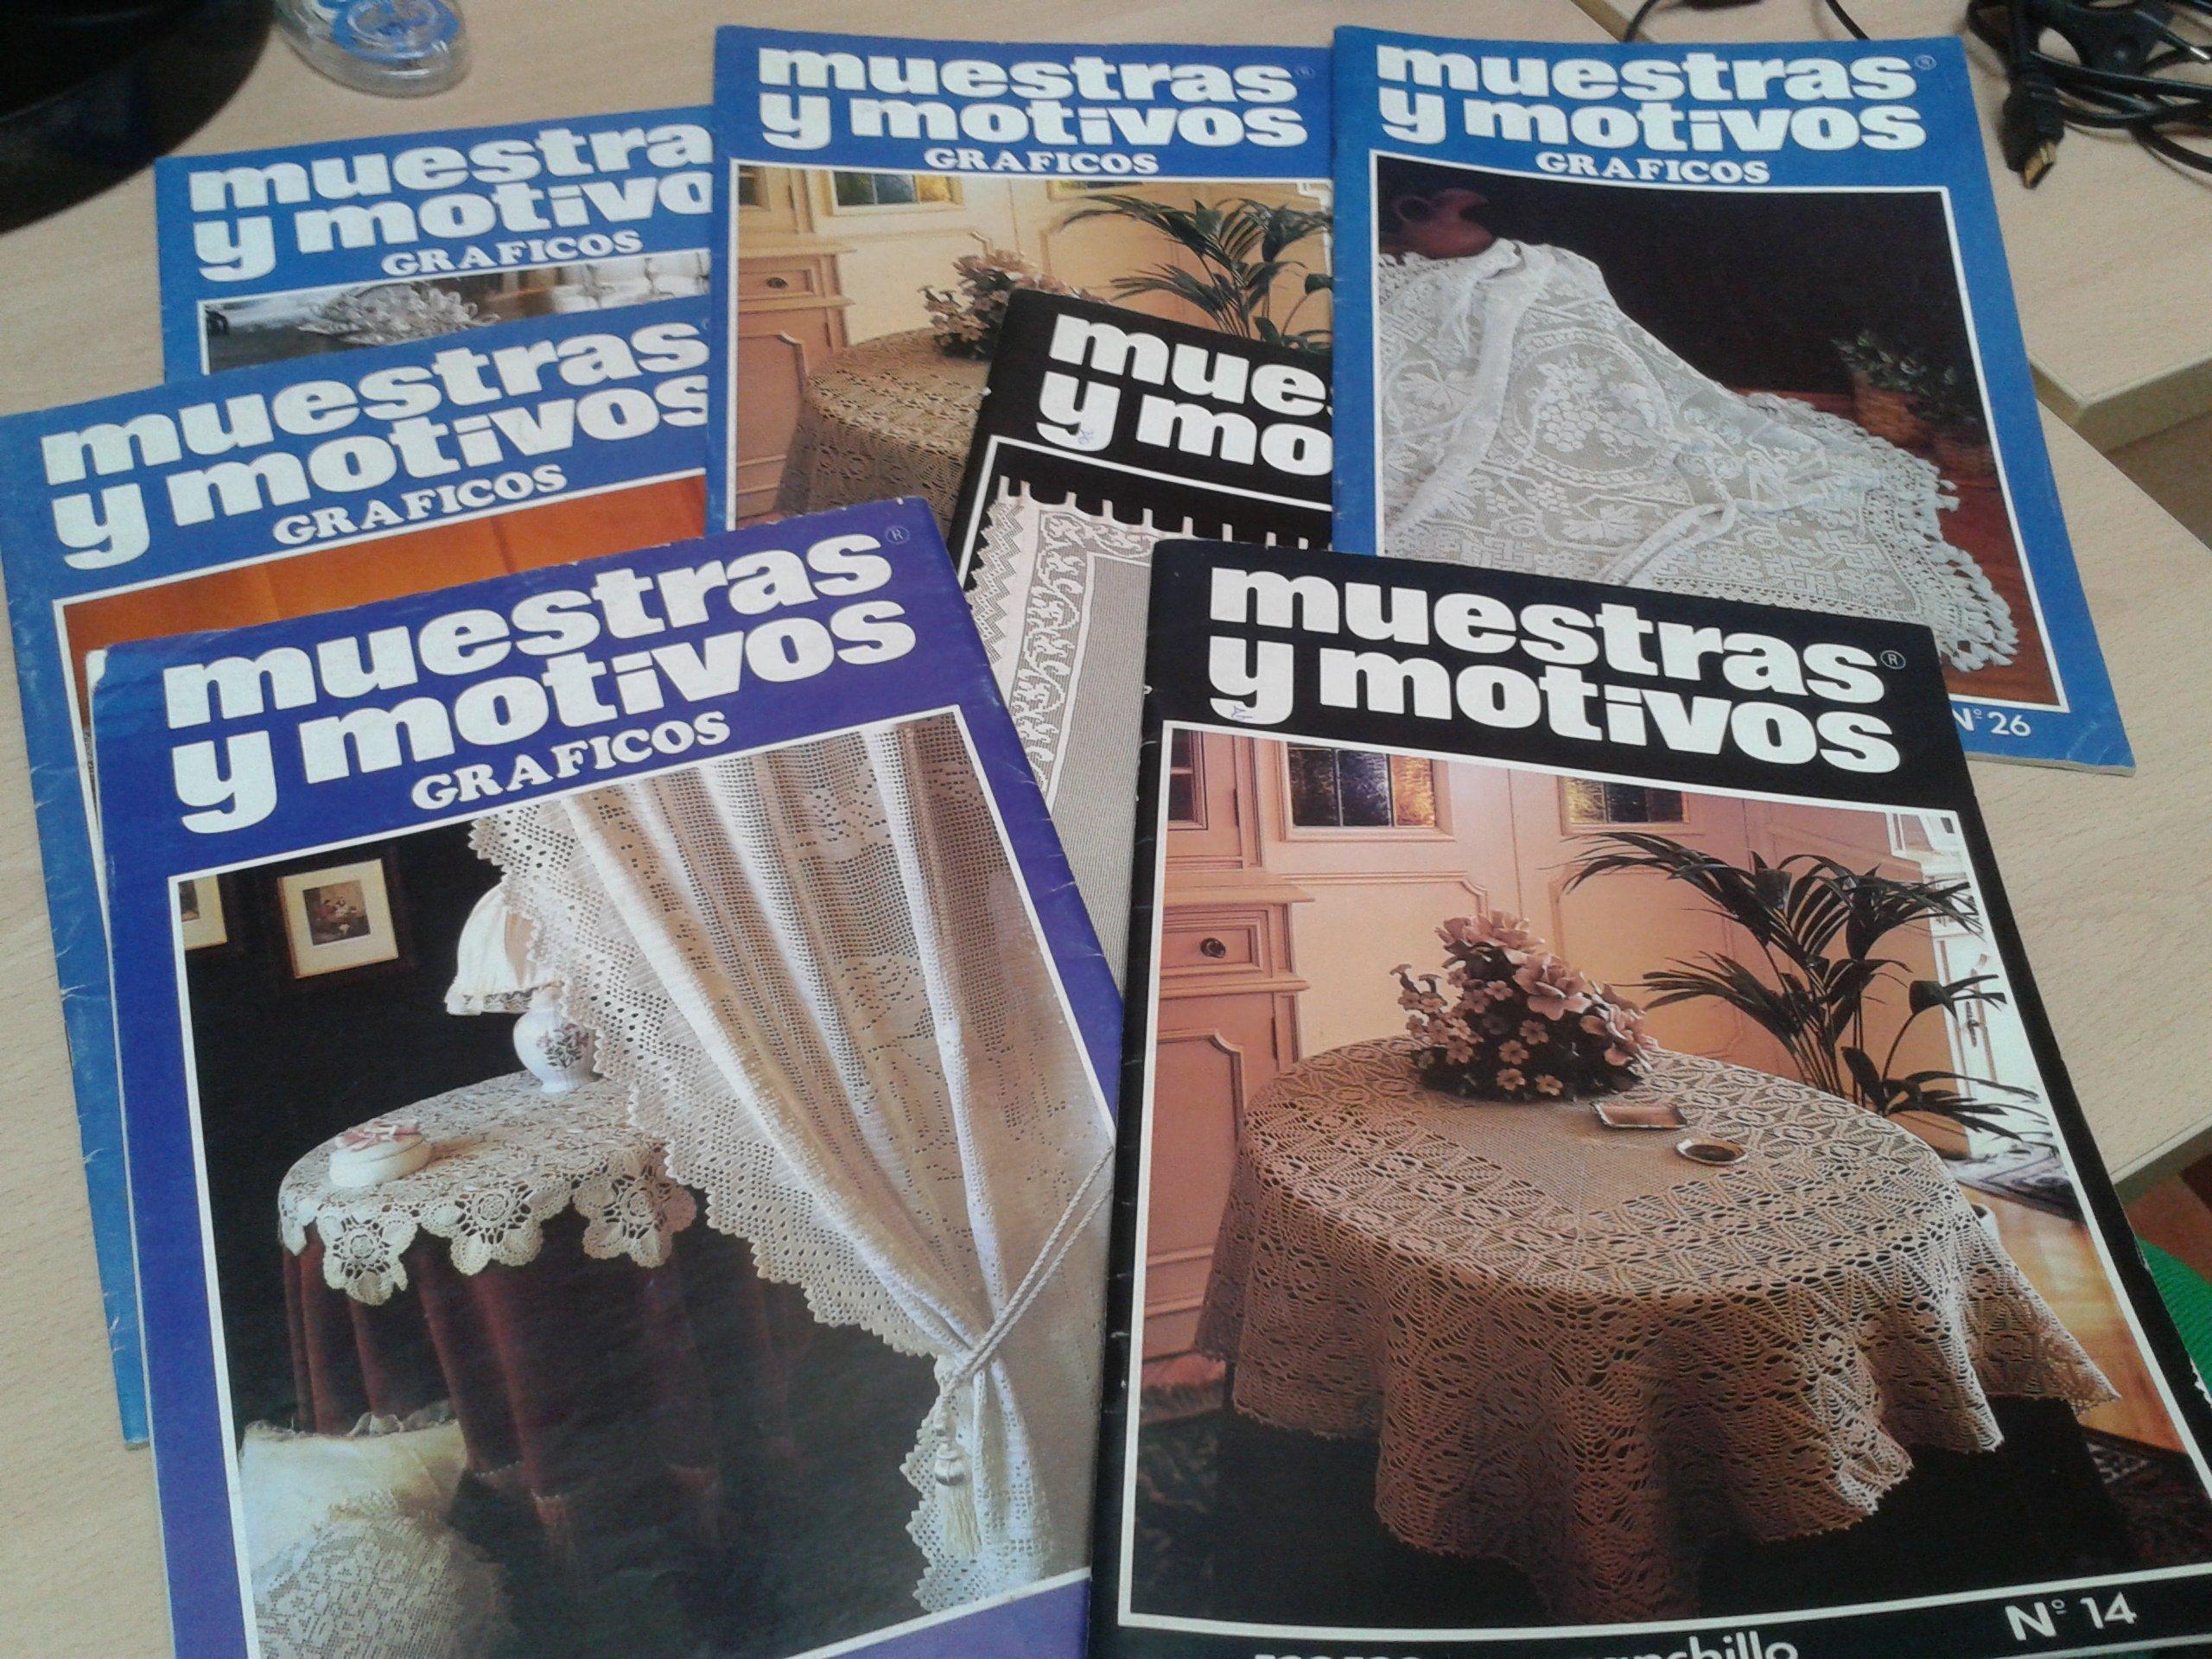 MUESTRAS Y MOTIVOS - Revista de ganchillo: Amazon.es: m.m.ediciones: Libros